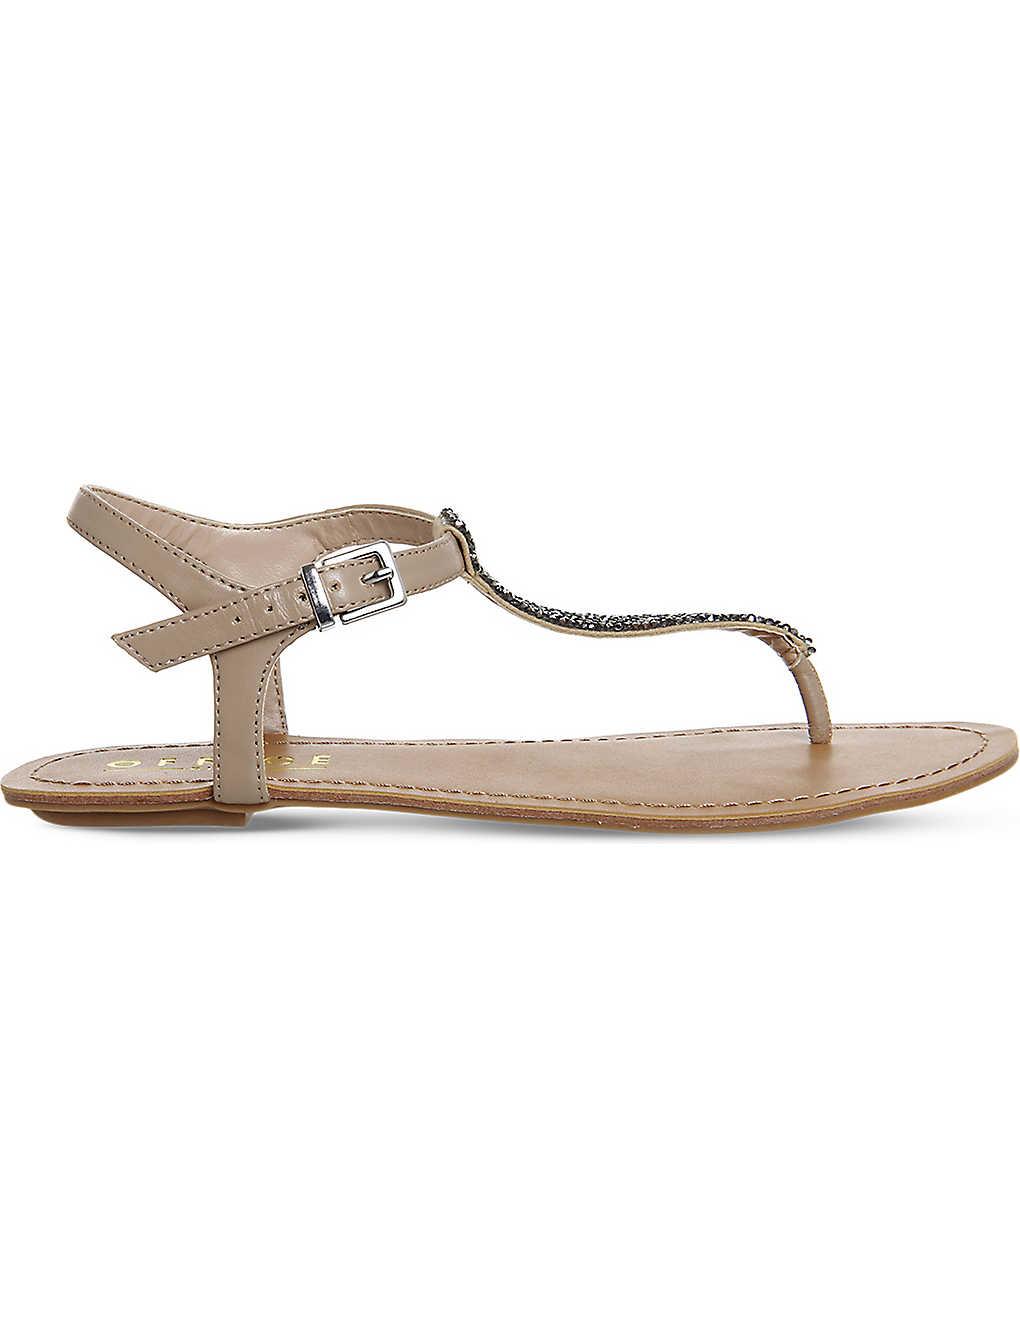 c4ab9a7ea3624 OFFICE - Ornate 2 embellished flat sandals